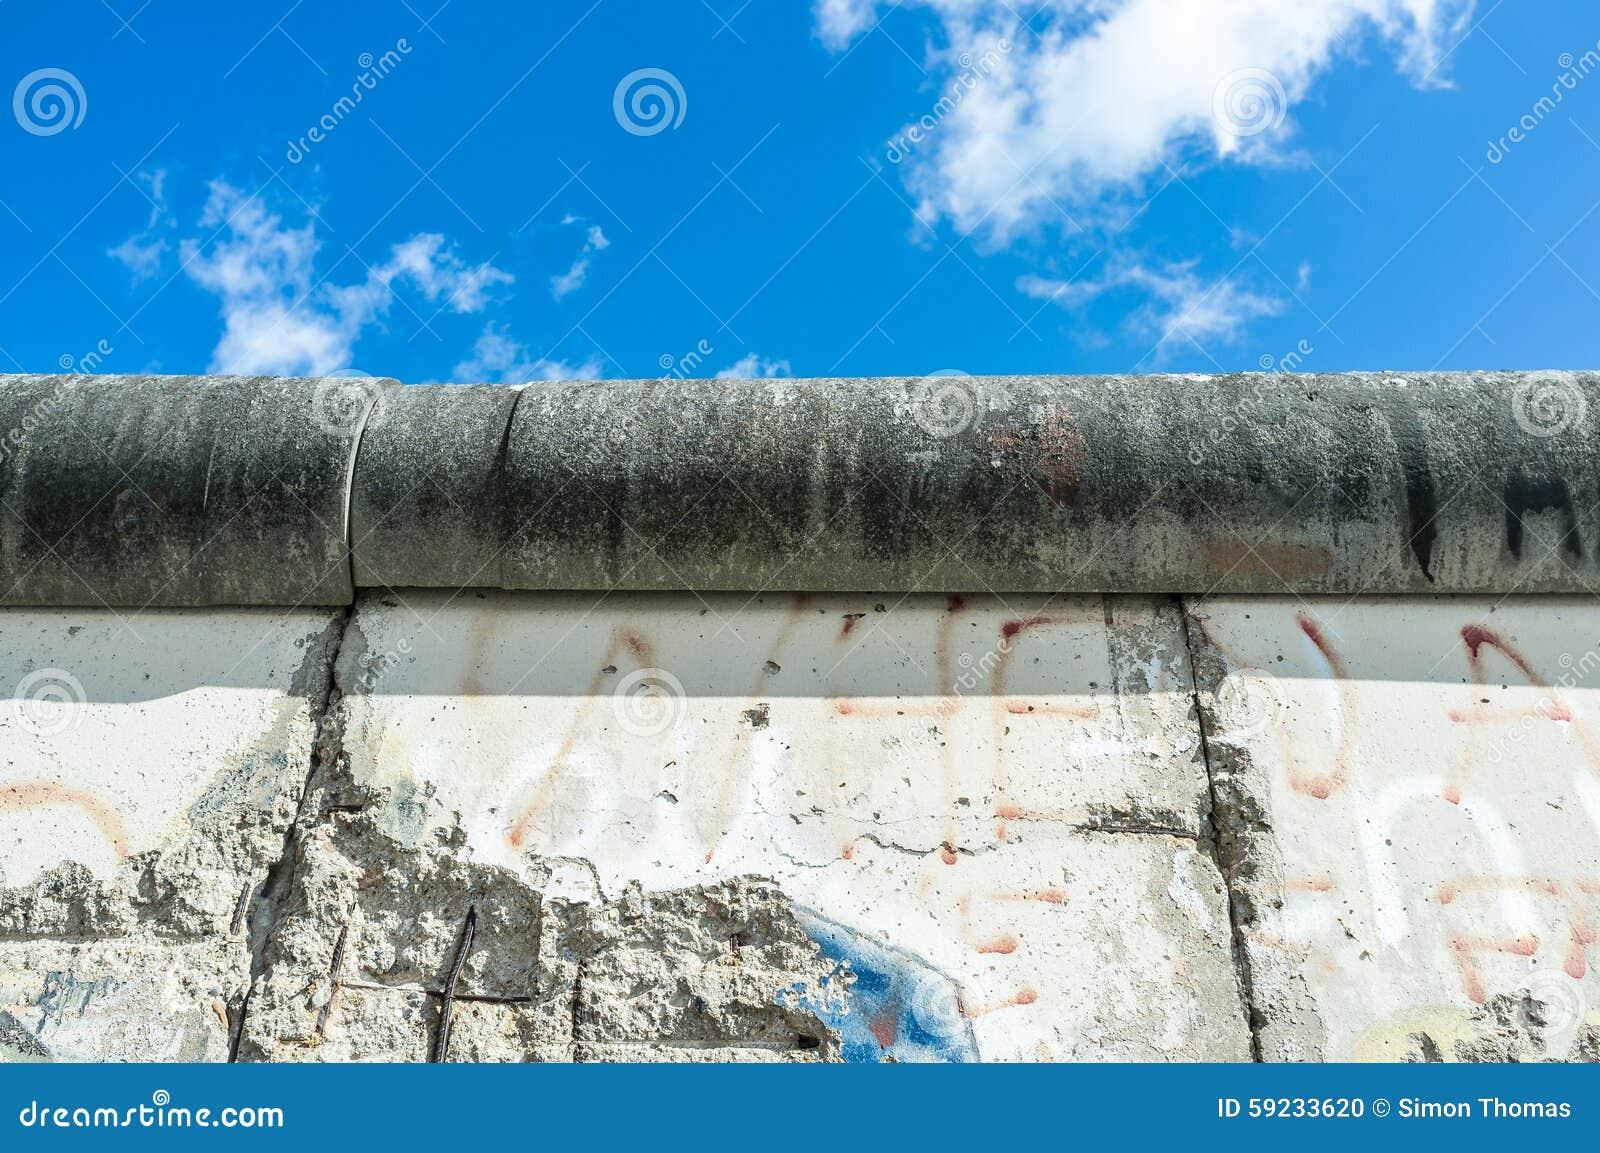 Download Muro de Berlín foto de archivo. Imagen de tapa, azul - 59233620